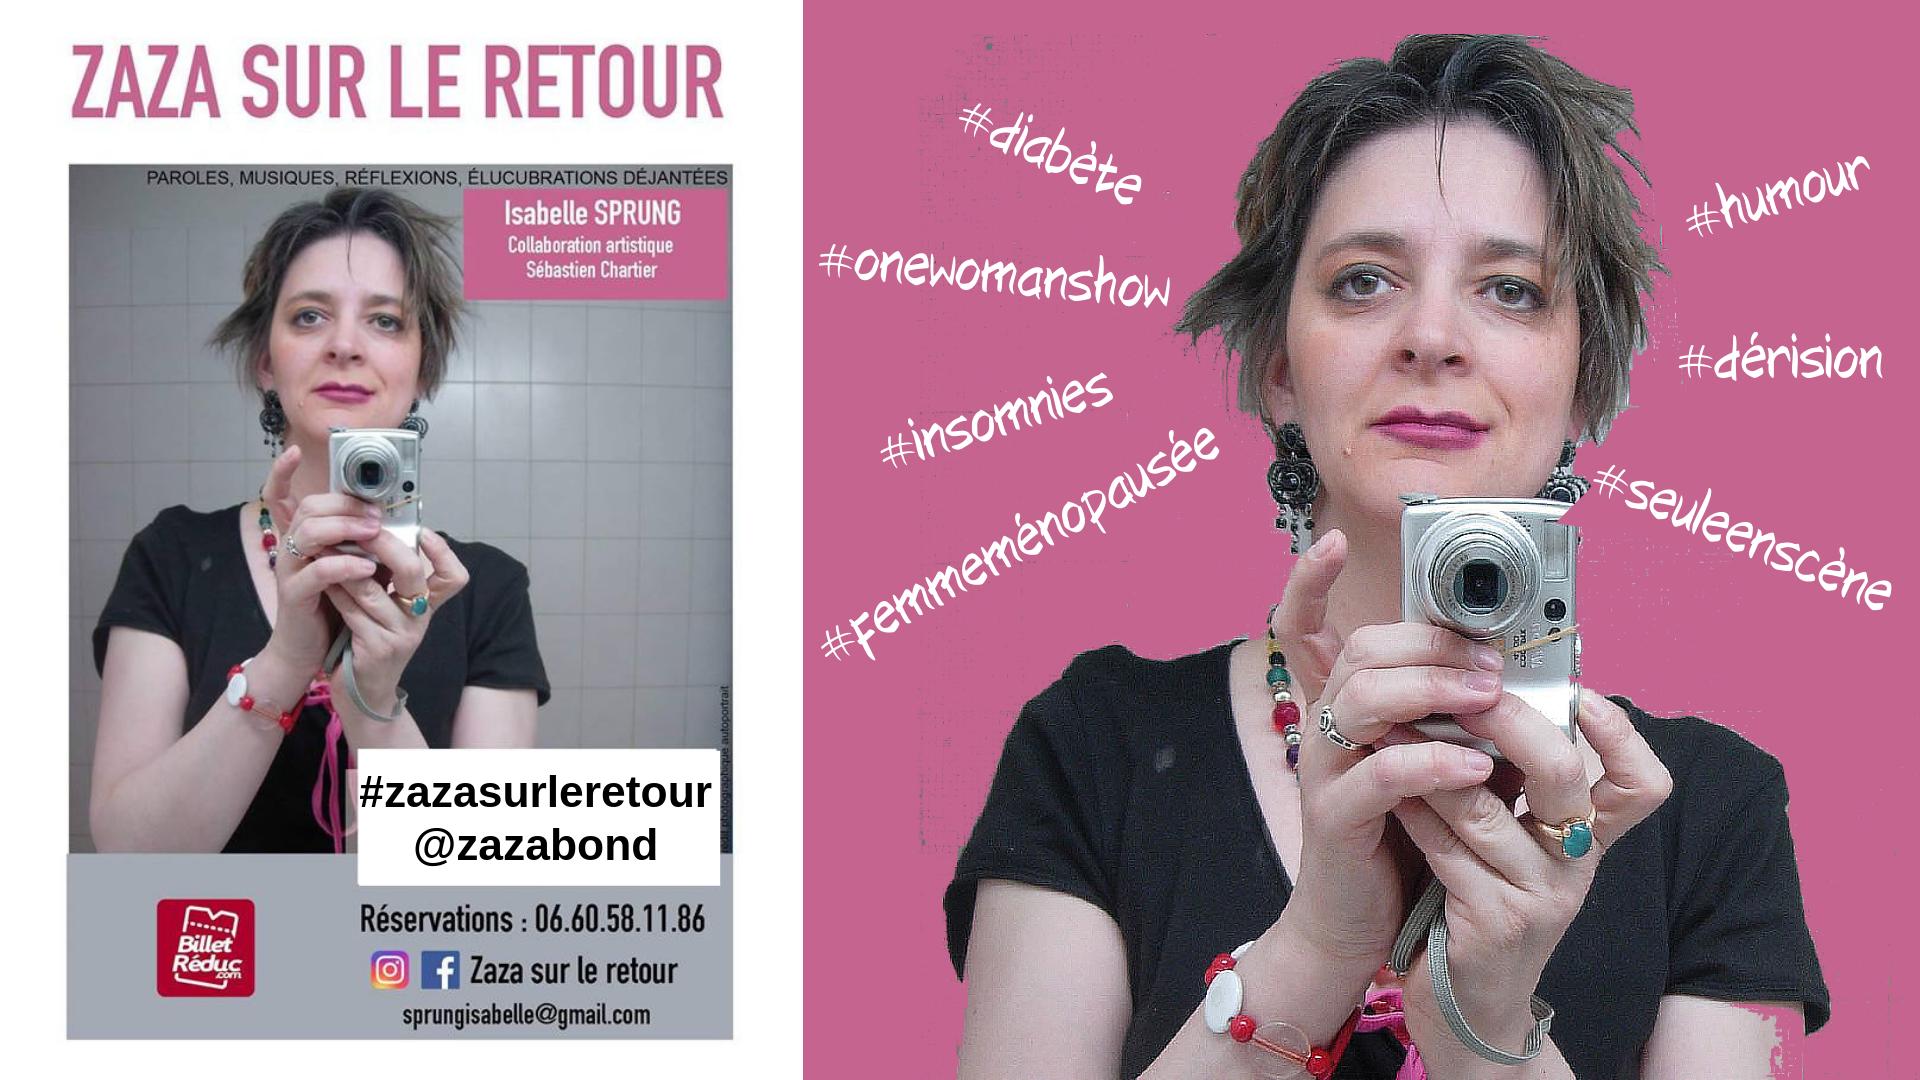 les-hashtags-zaza-sur-le-retour-isabelle-sprung-presentation